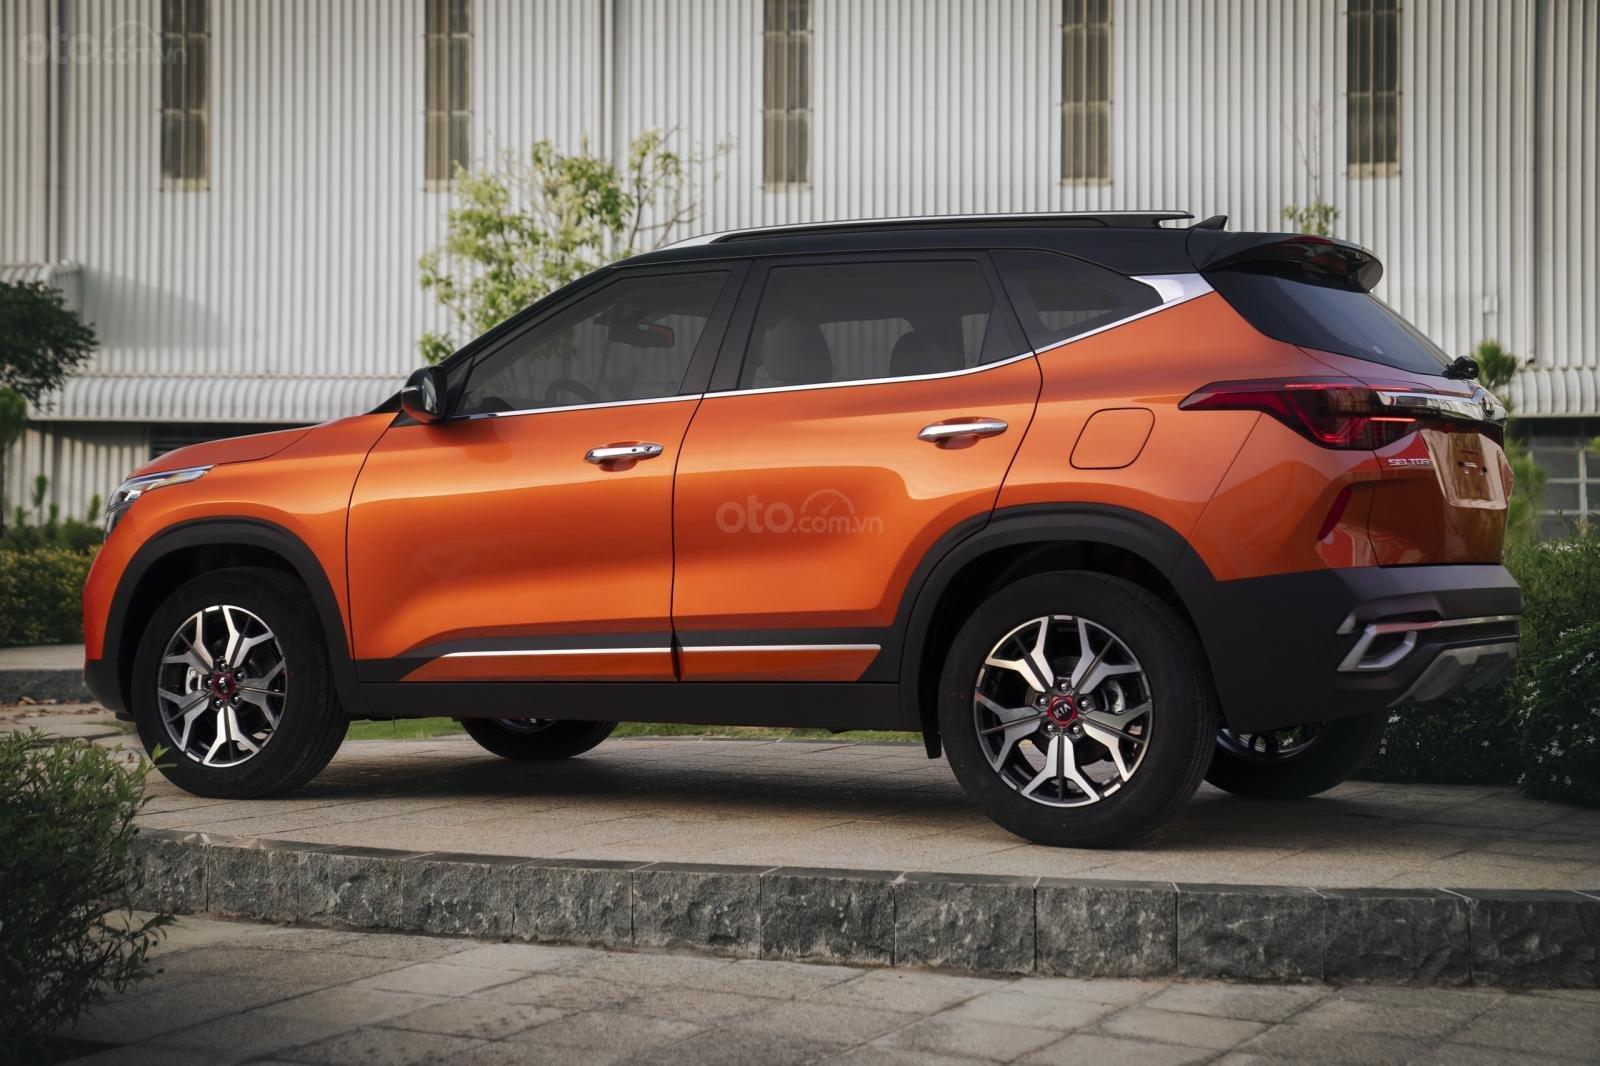 Kia Seltos 1.4 Premium cam - đen, giao xe tháng 1/2021 (2)